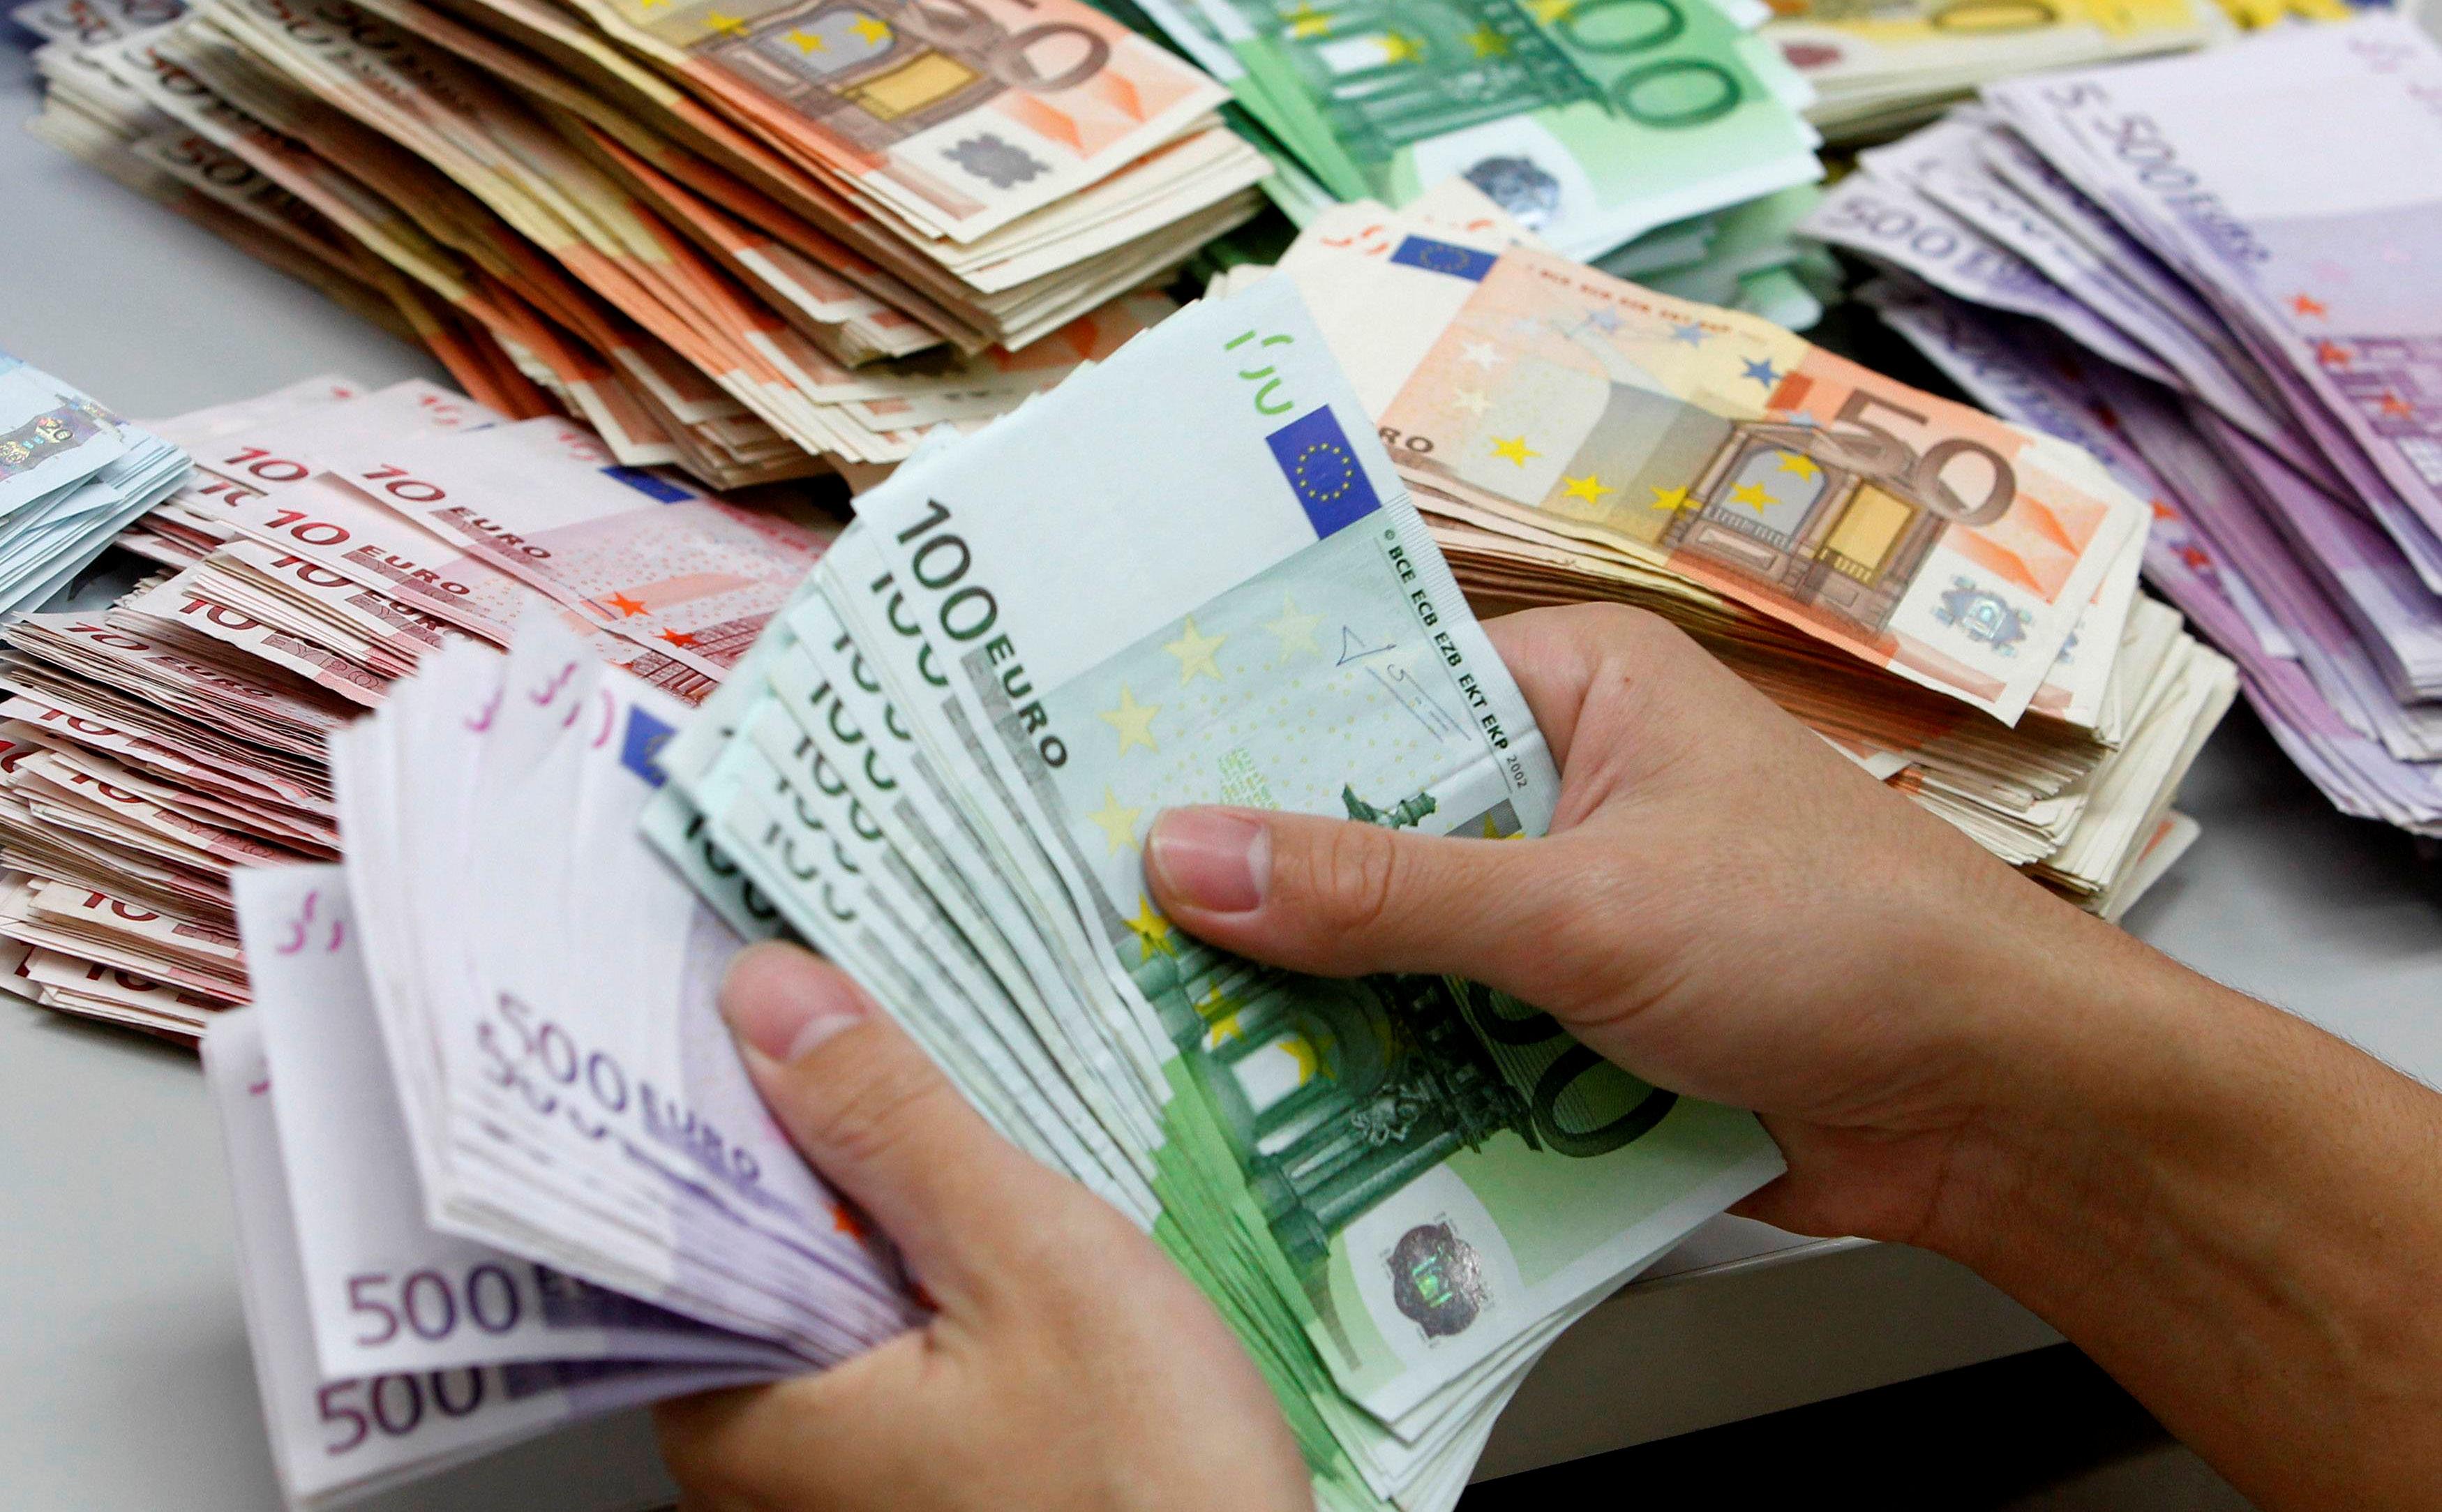 Dl Salvabanche, Bankitalia indaga su Ubi, Unicredit e Banco Popolare per i costi extra dei conti correnti